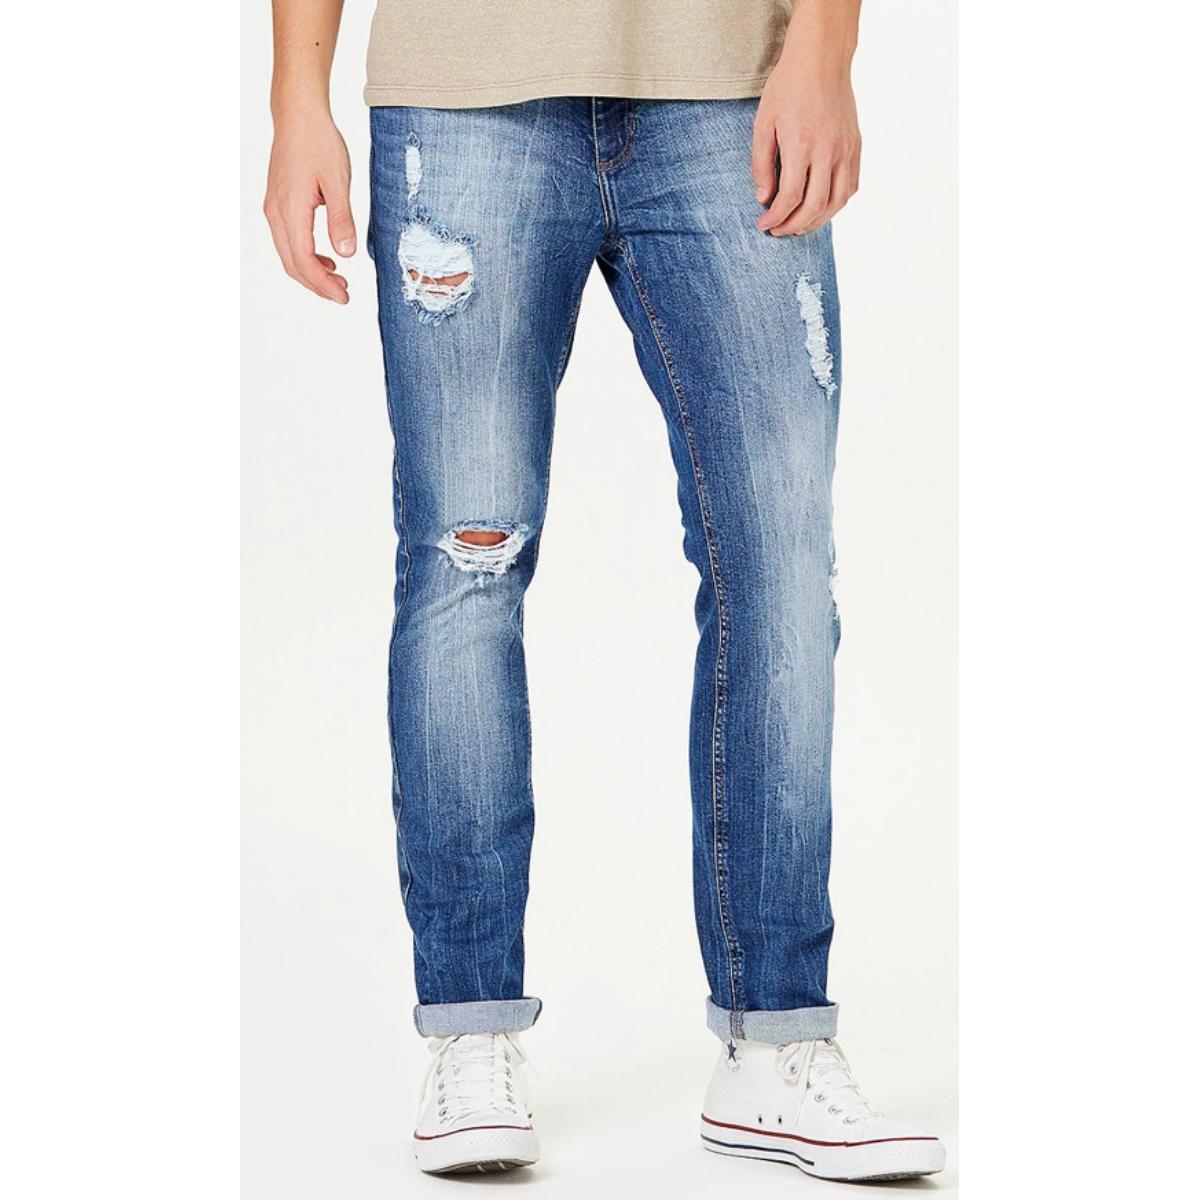 Calça Masculina Hering H1pd 1asn Jeans Claro